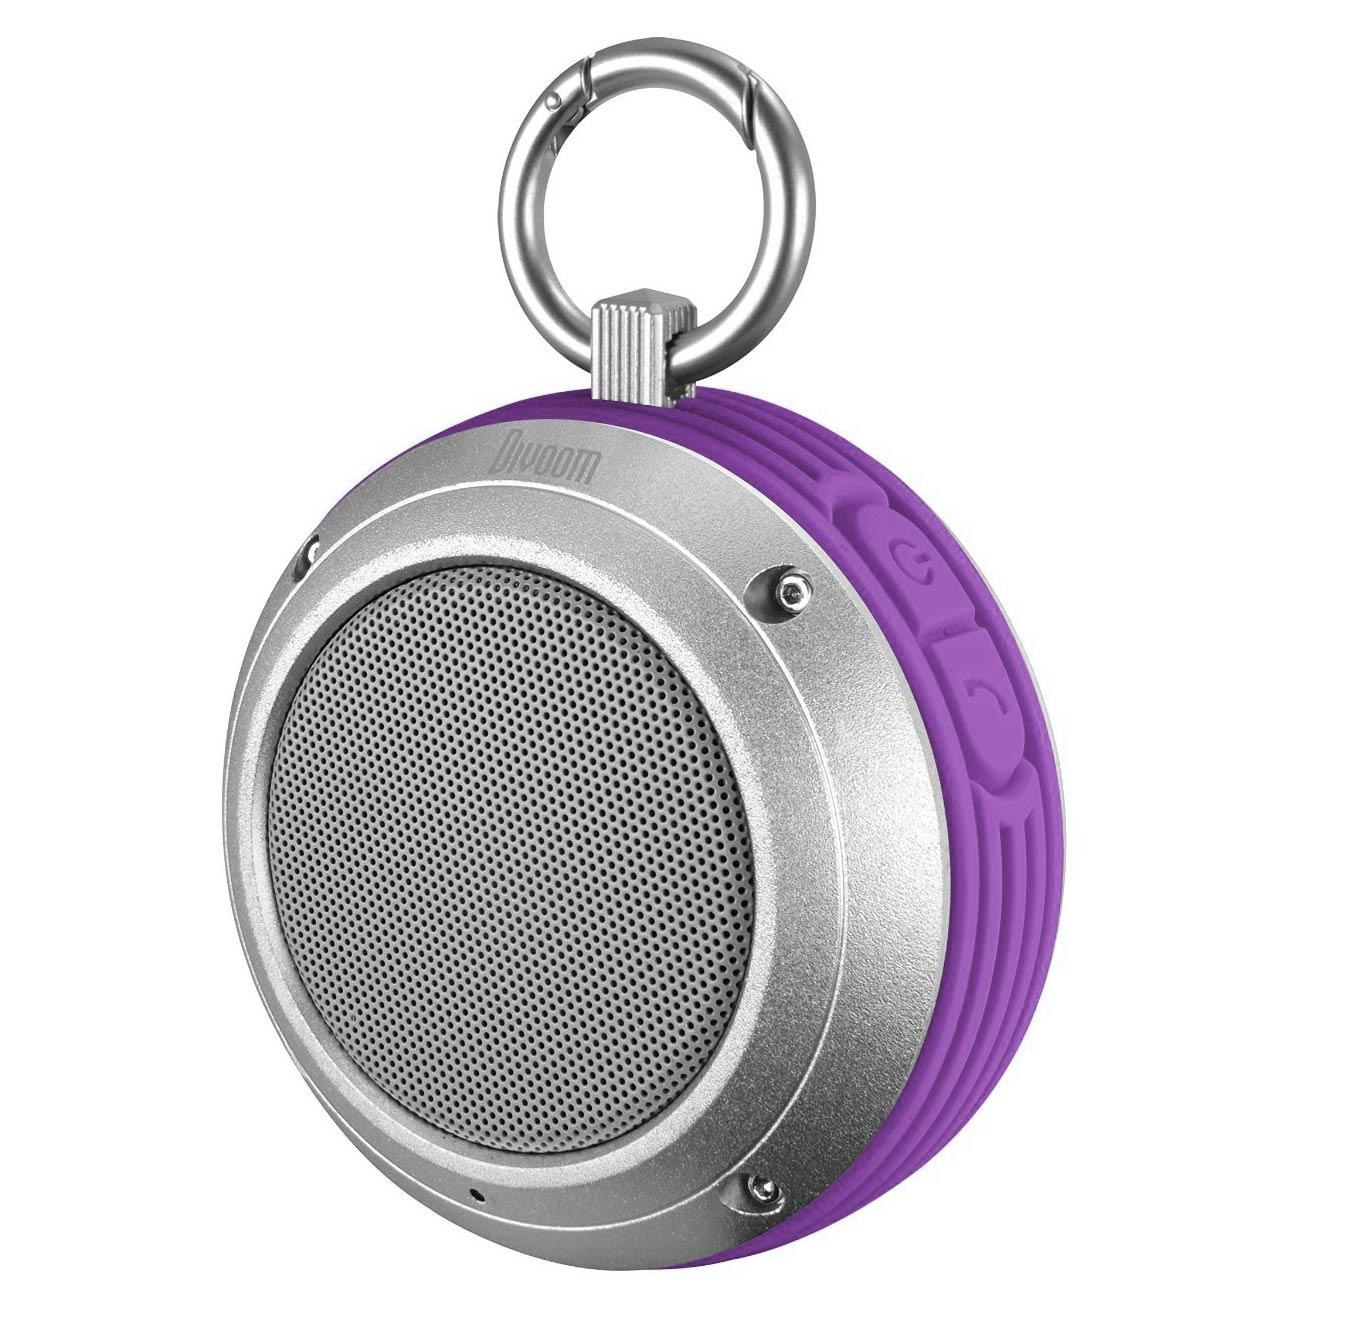 רמקול דיבורית Bluetooth נייד דגם Voombox-Travel עם עוצמת שמע 4 W - תמונה 4